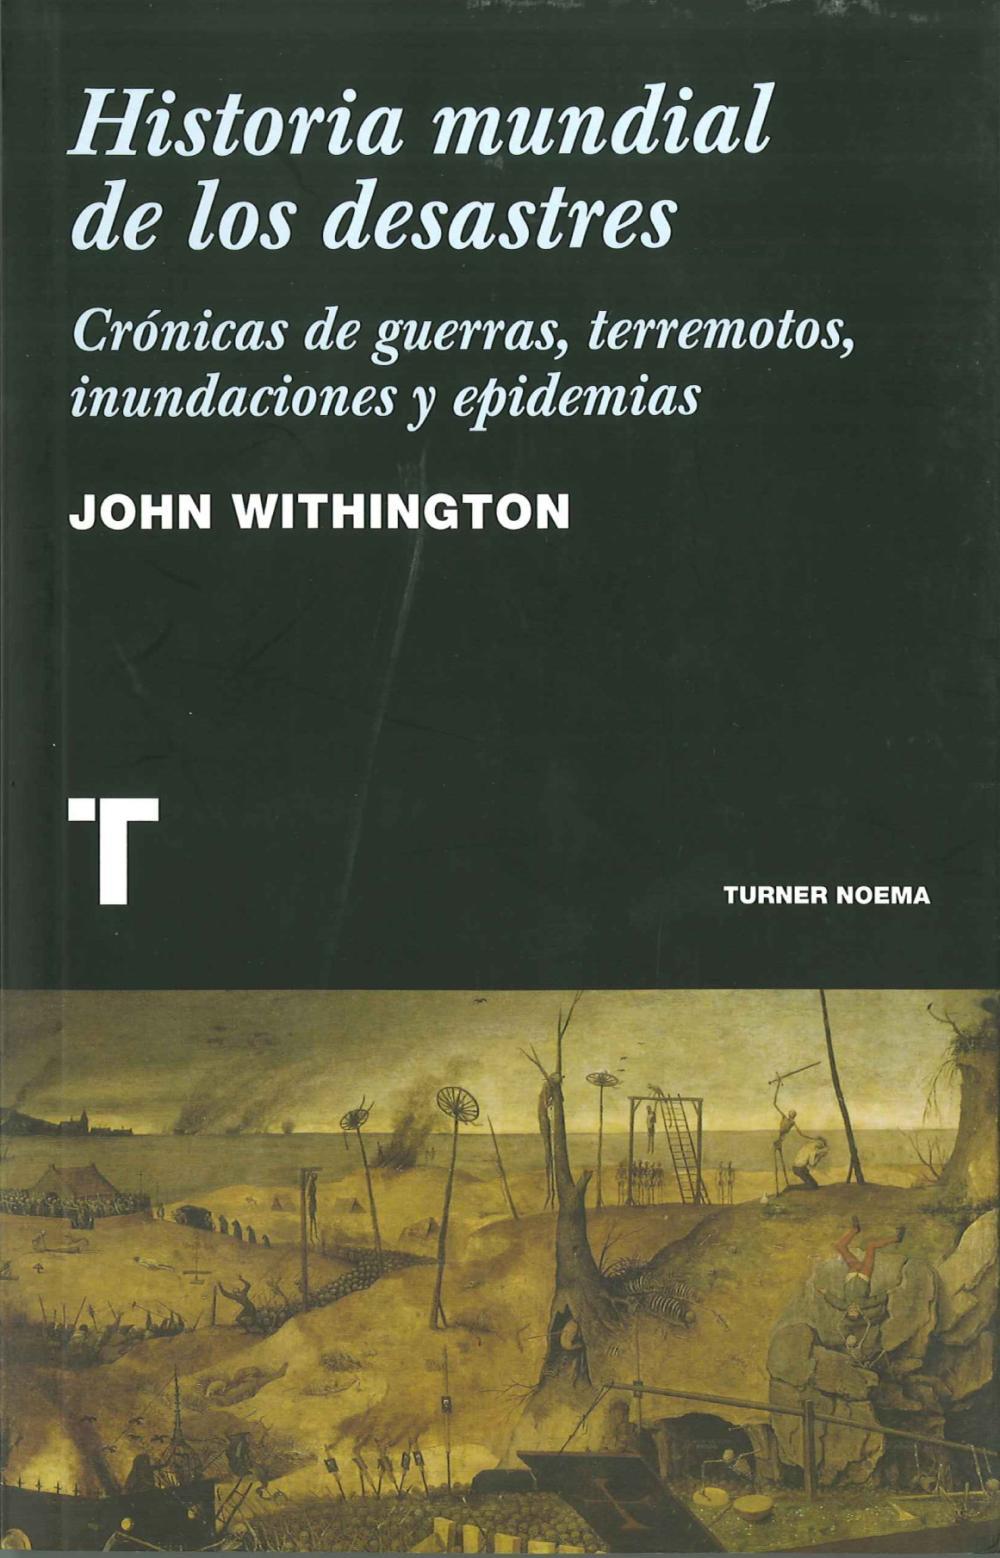 Historia mundial de los desastres